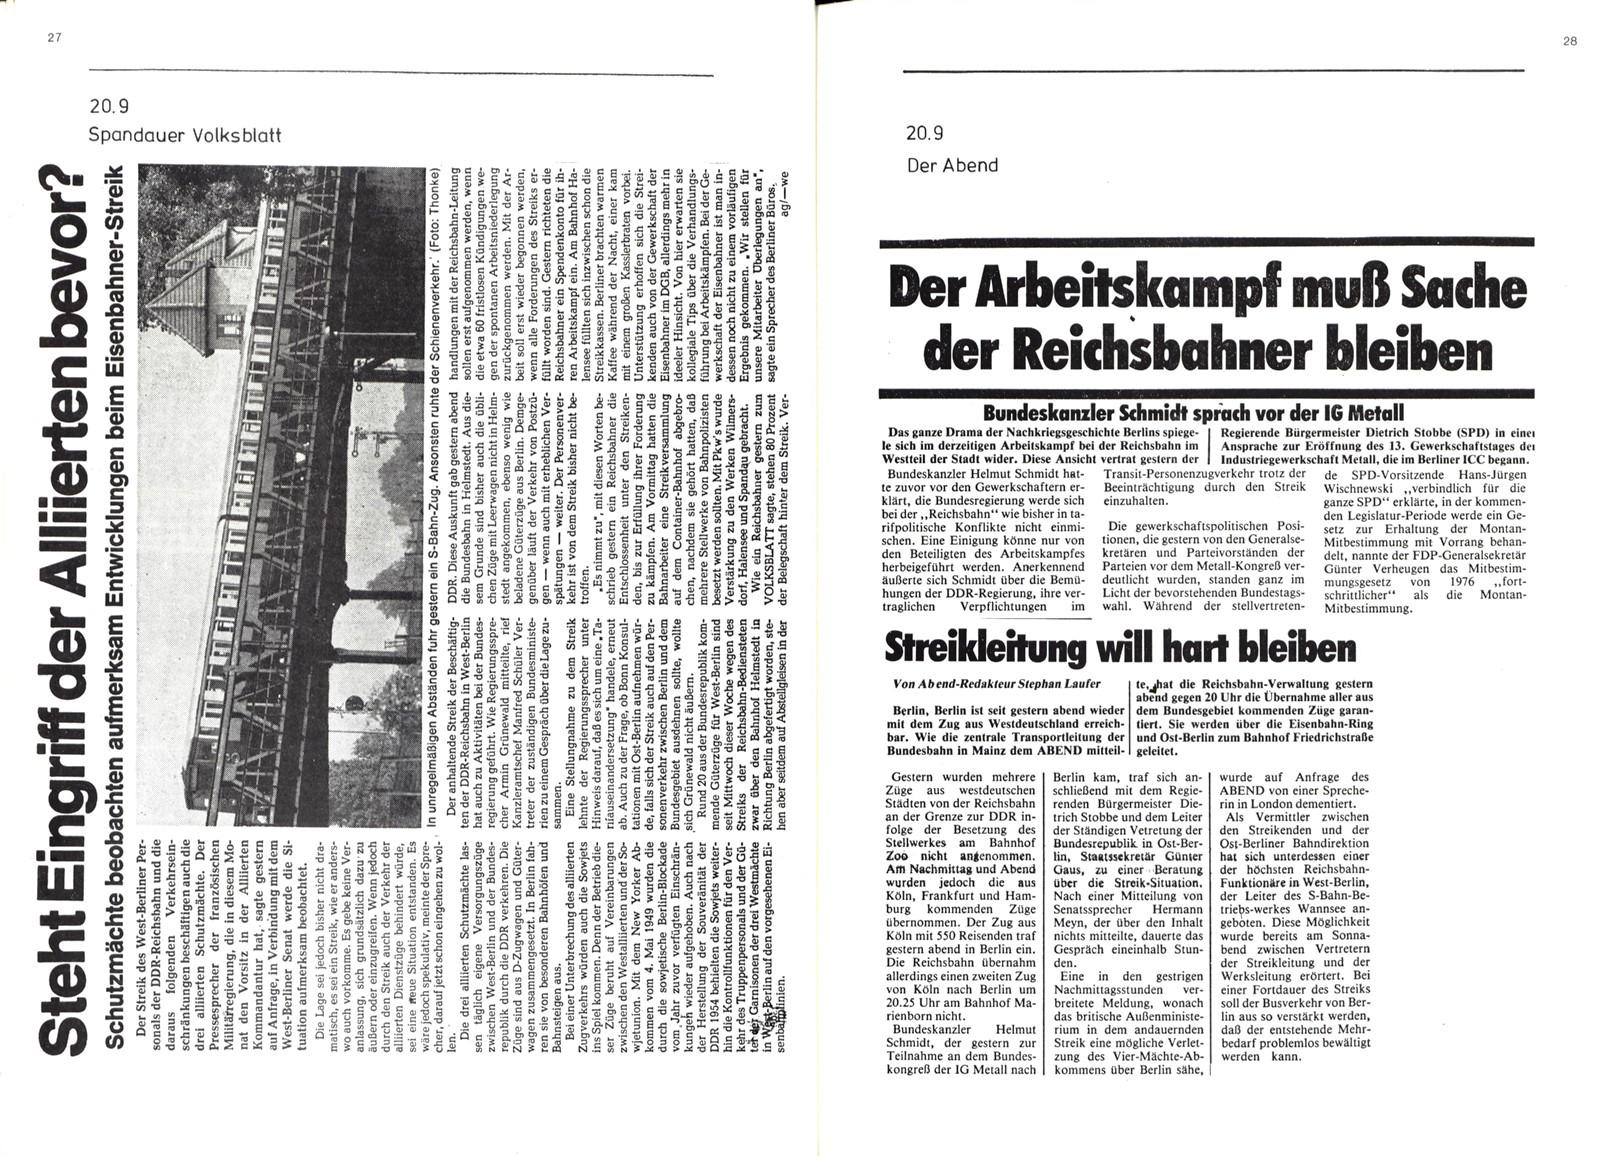 Berlin_Reichsbahnstreik16